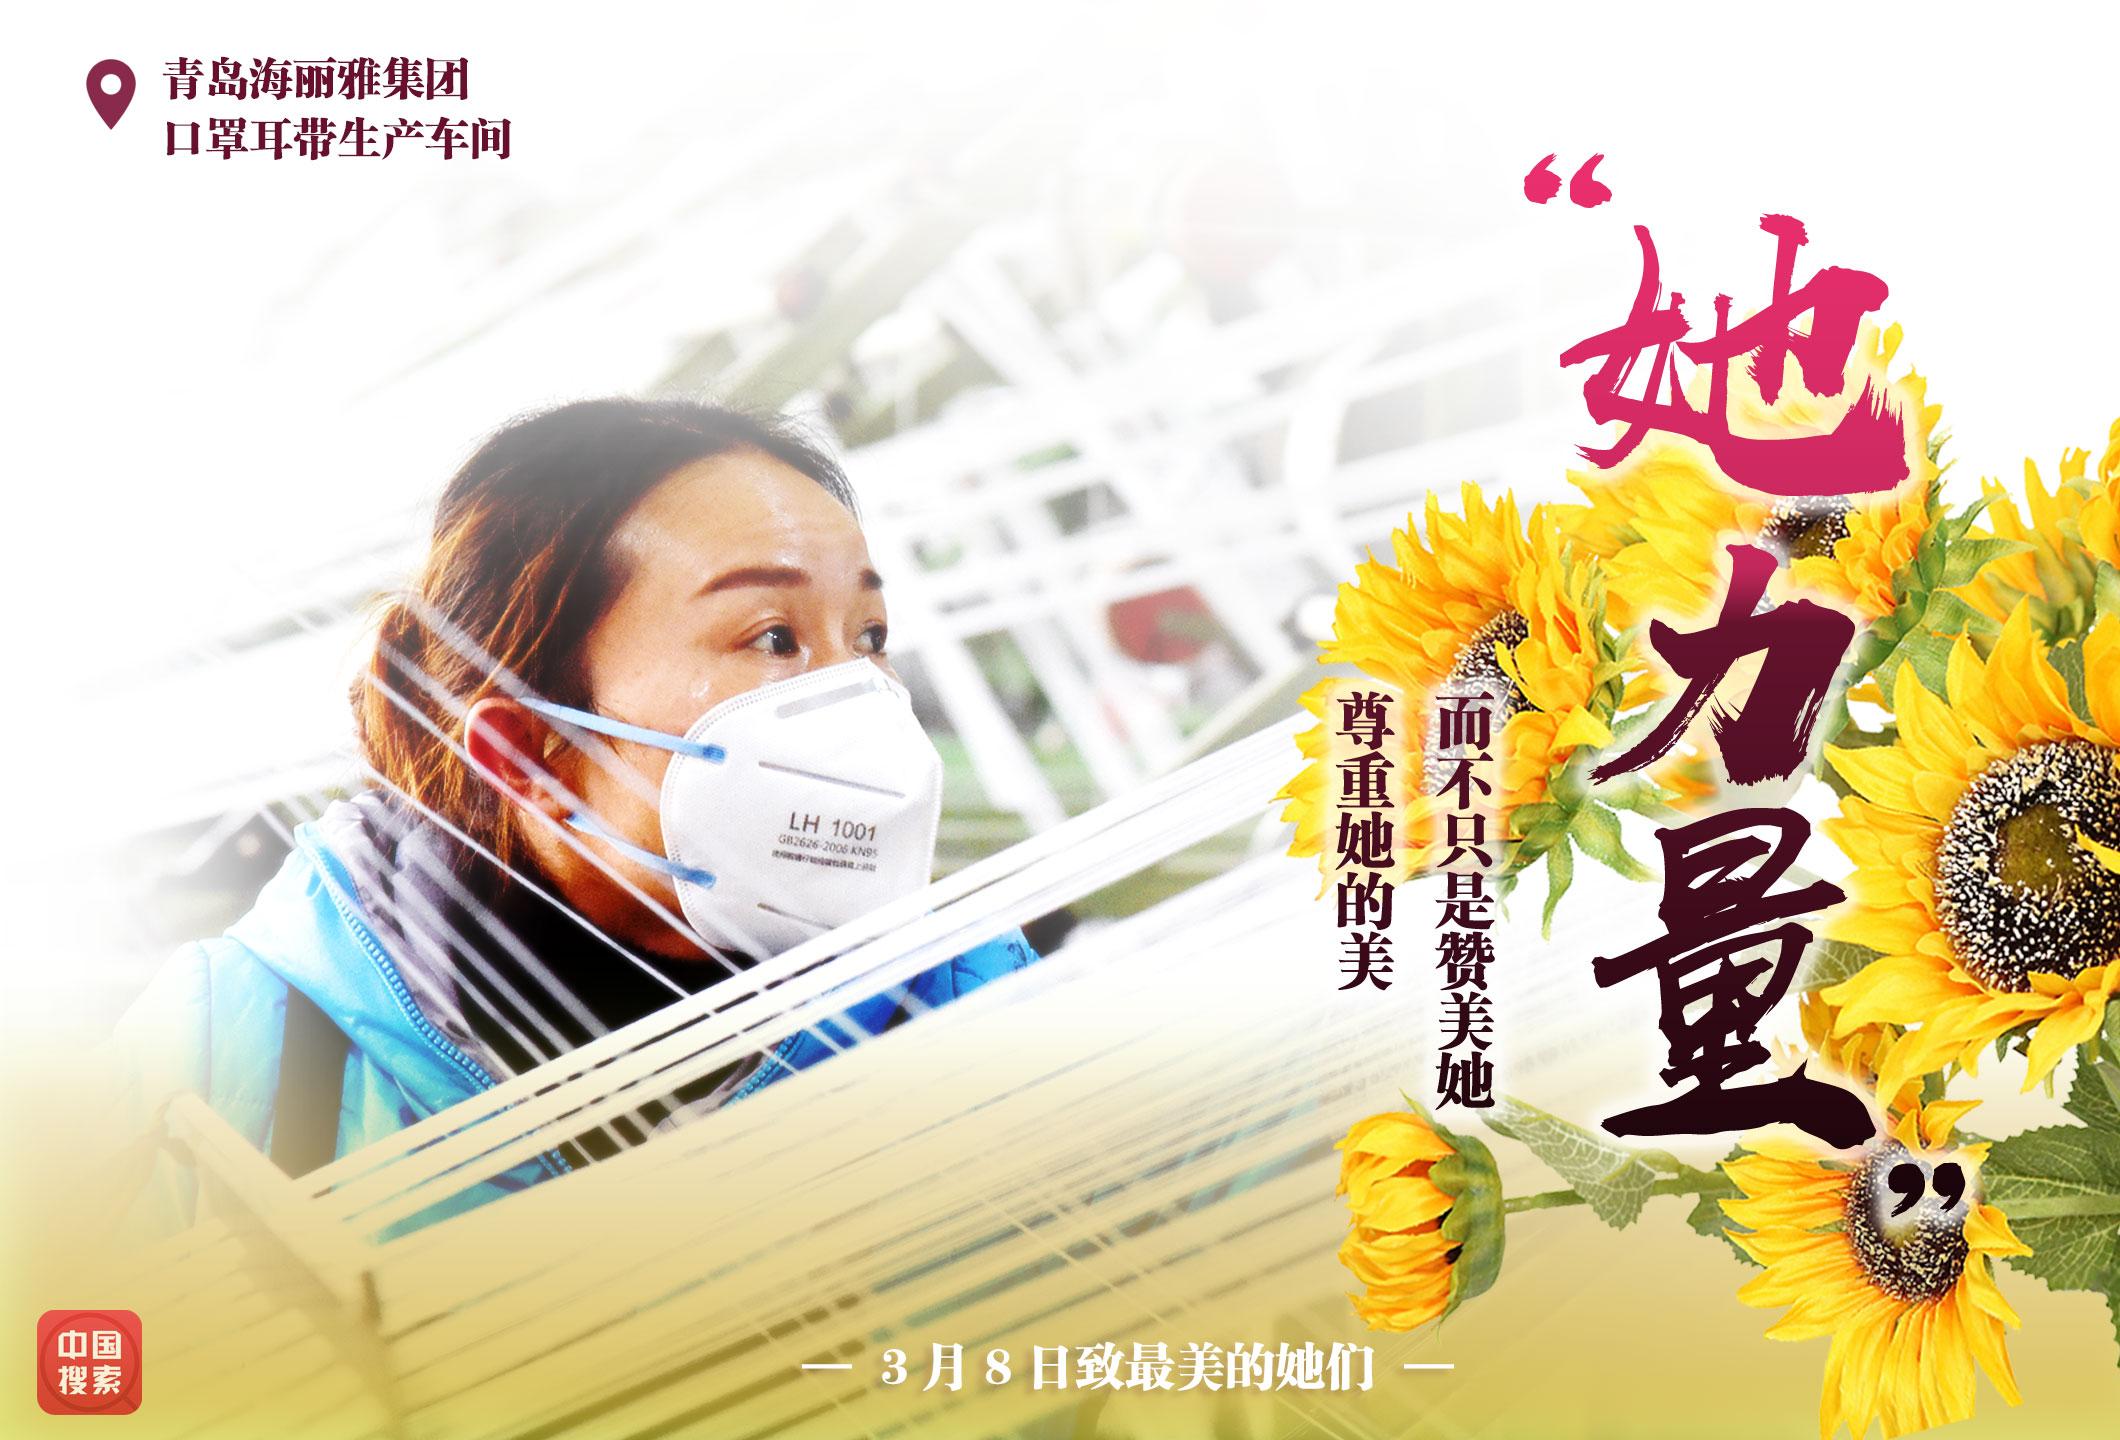 浙江湖州泰普森实业集团有限公司净化生产车间女工,在赶制医用一次性防护服